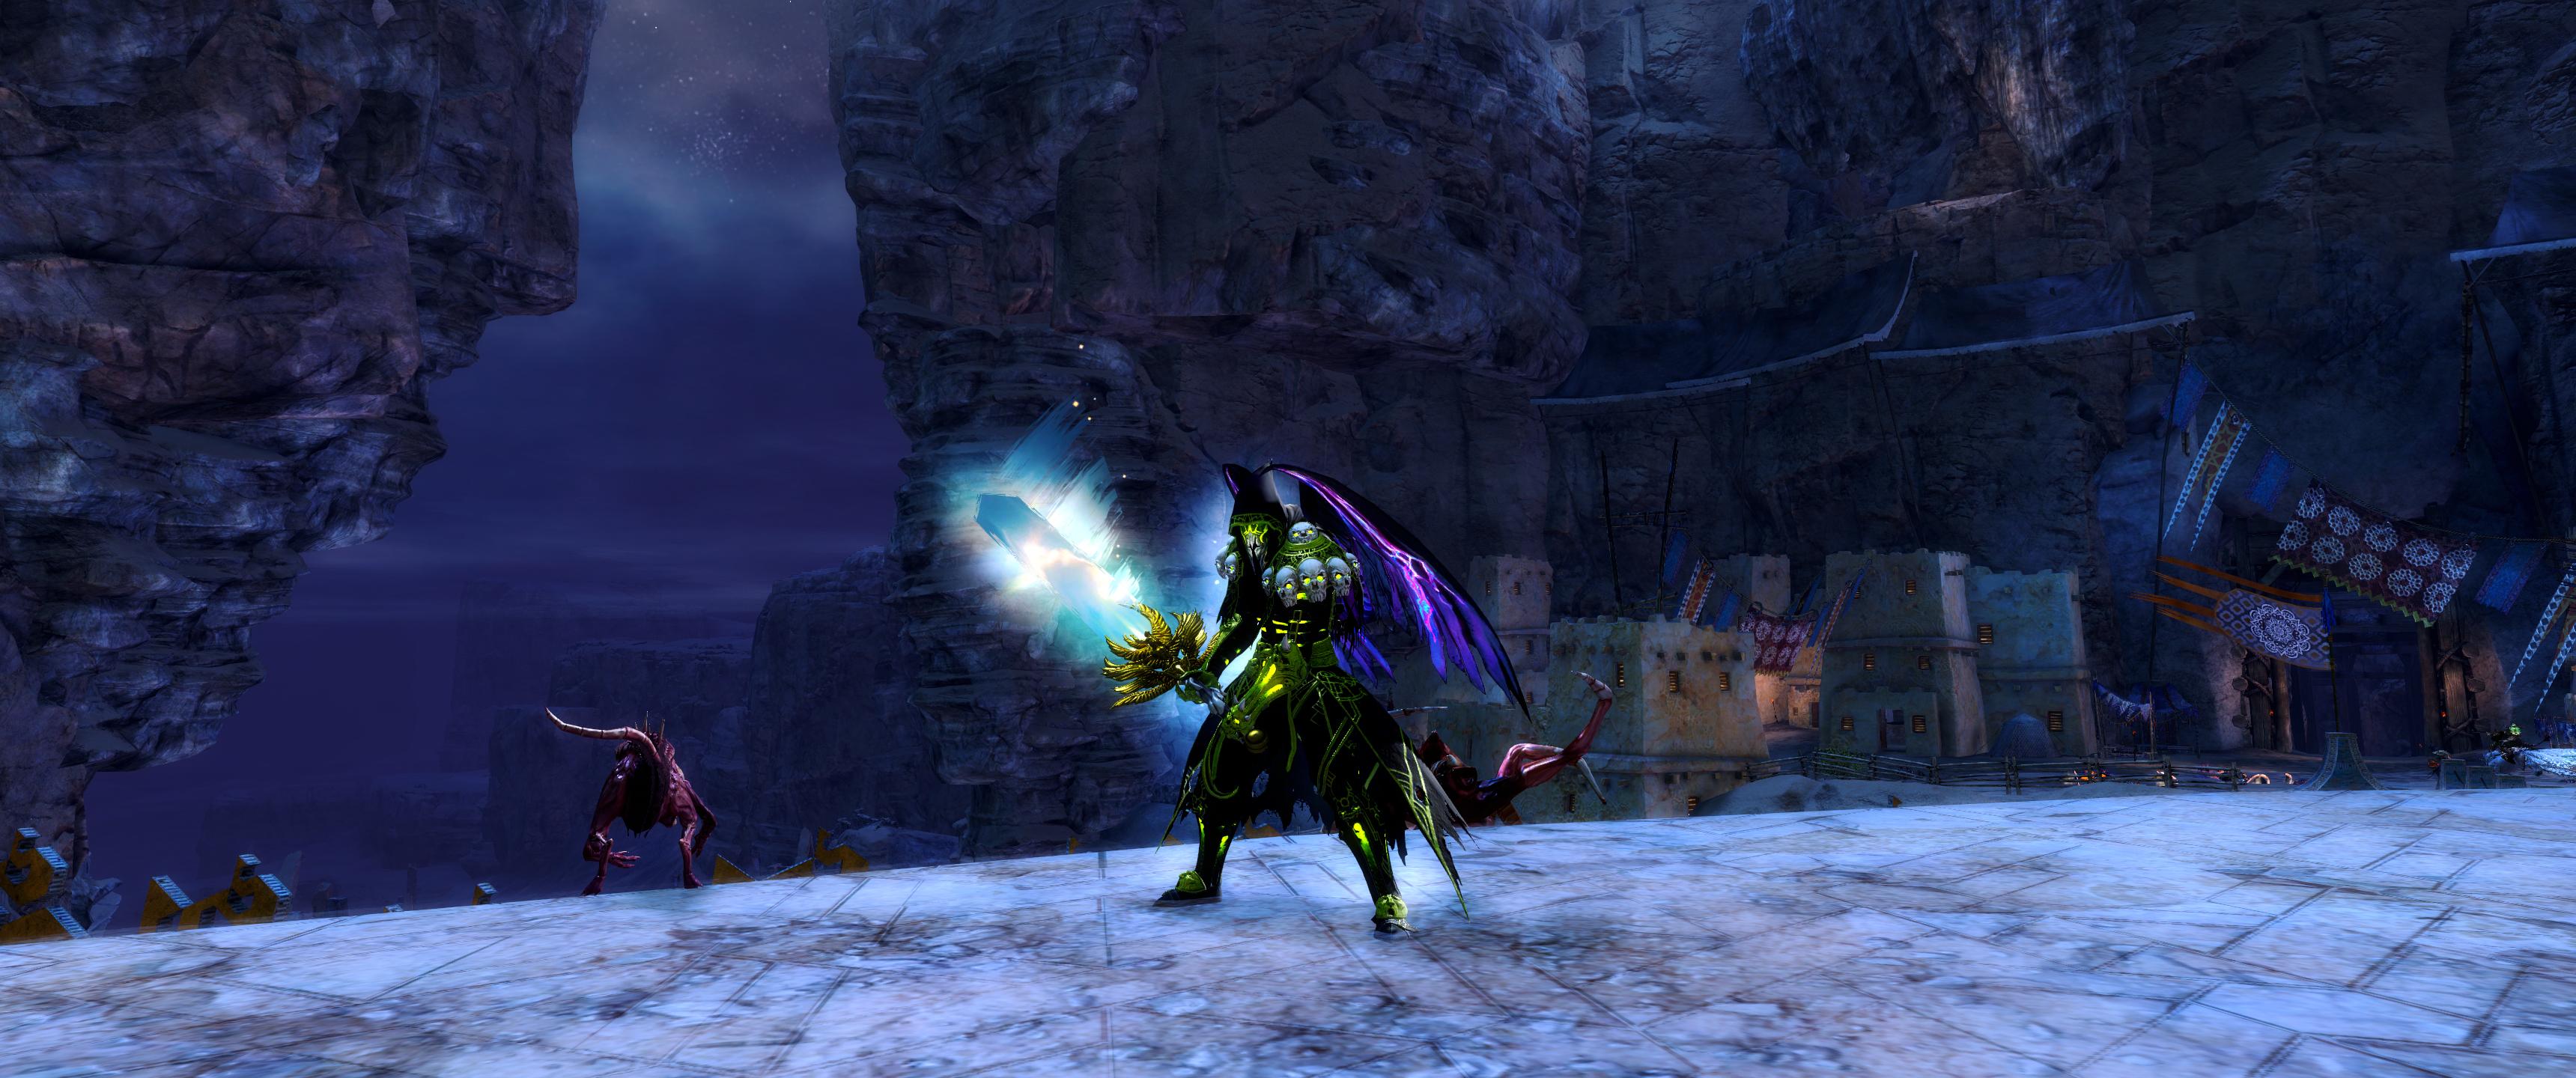 GW2 Reaper